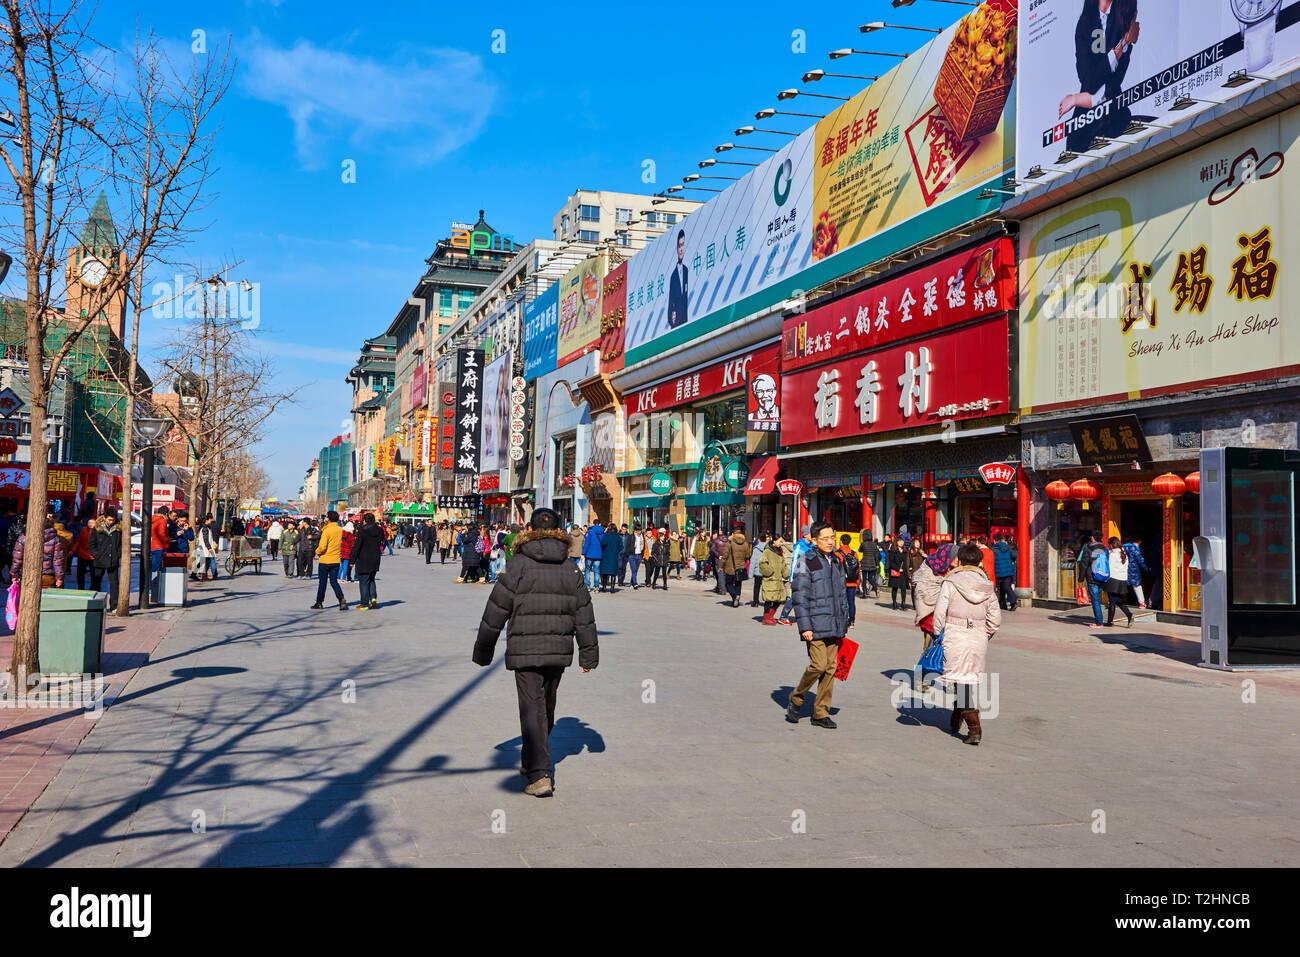 Busy Wangfujing Daje street, Beijing, China - Stock Image